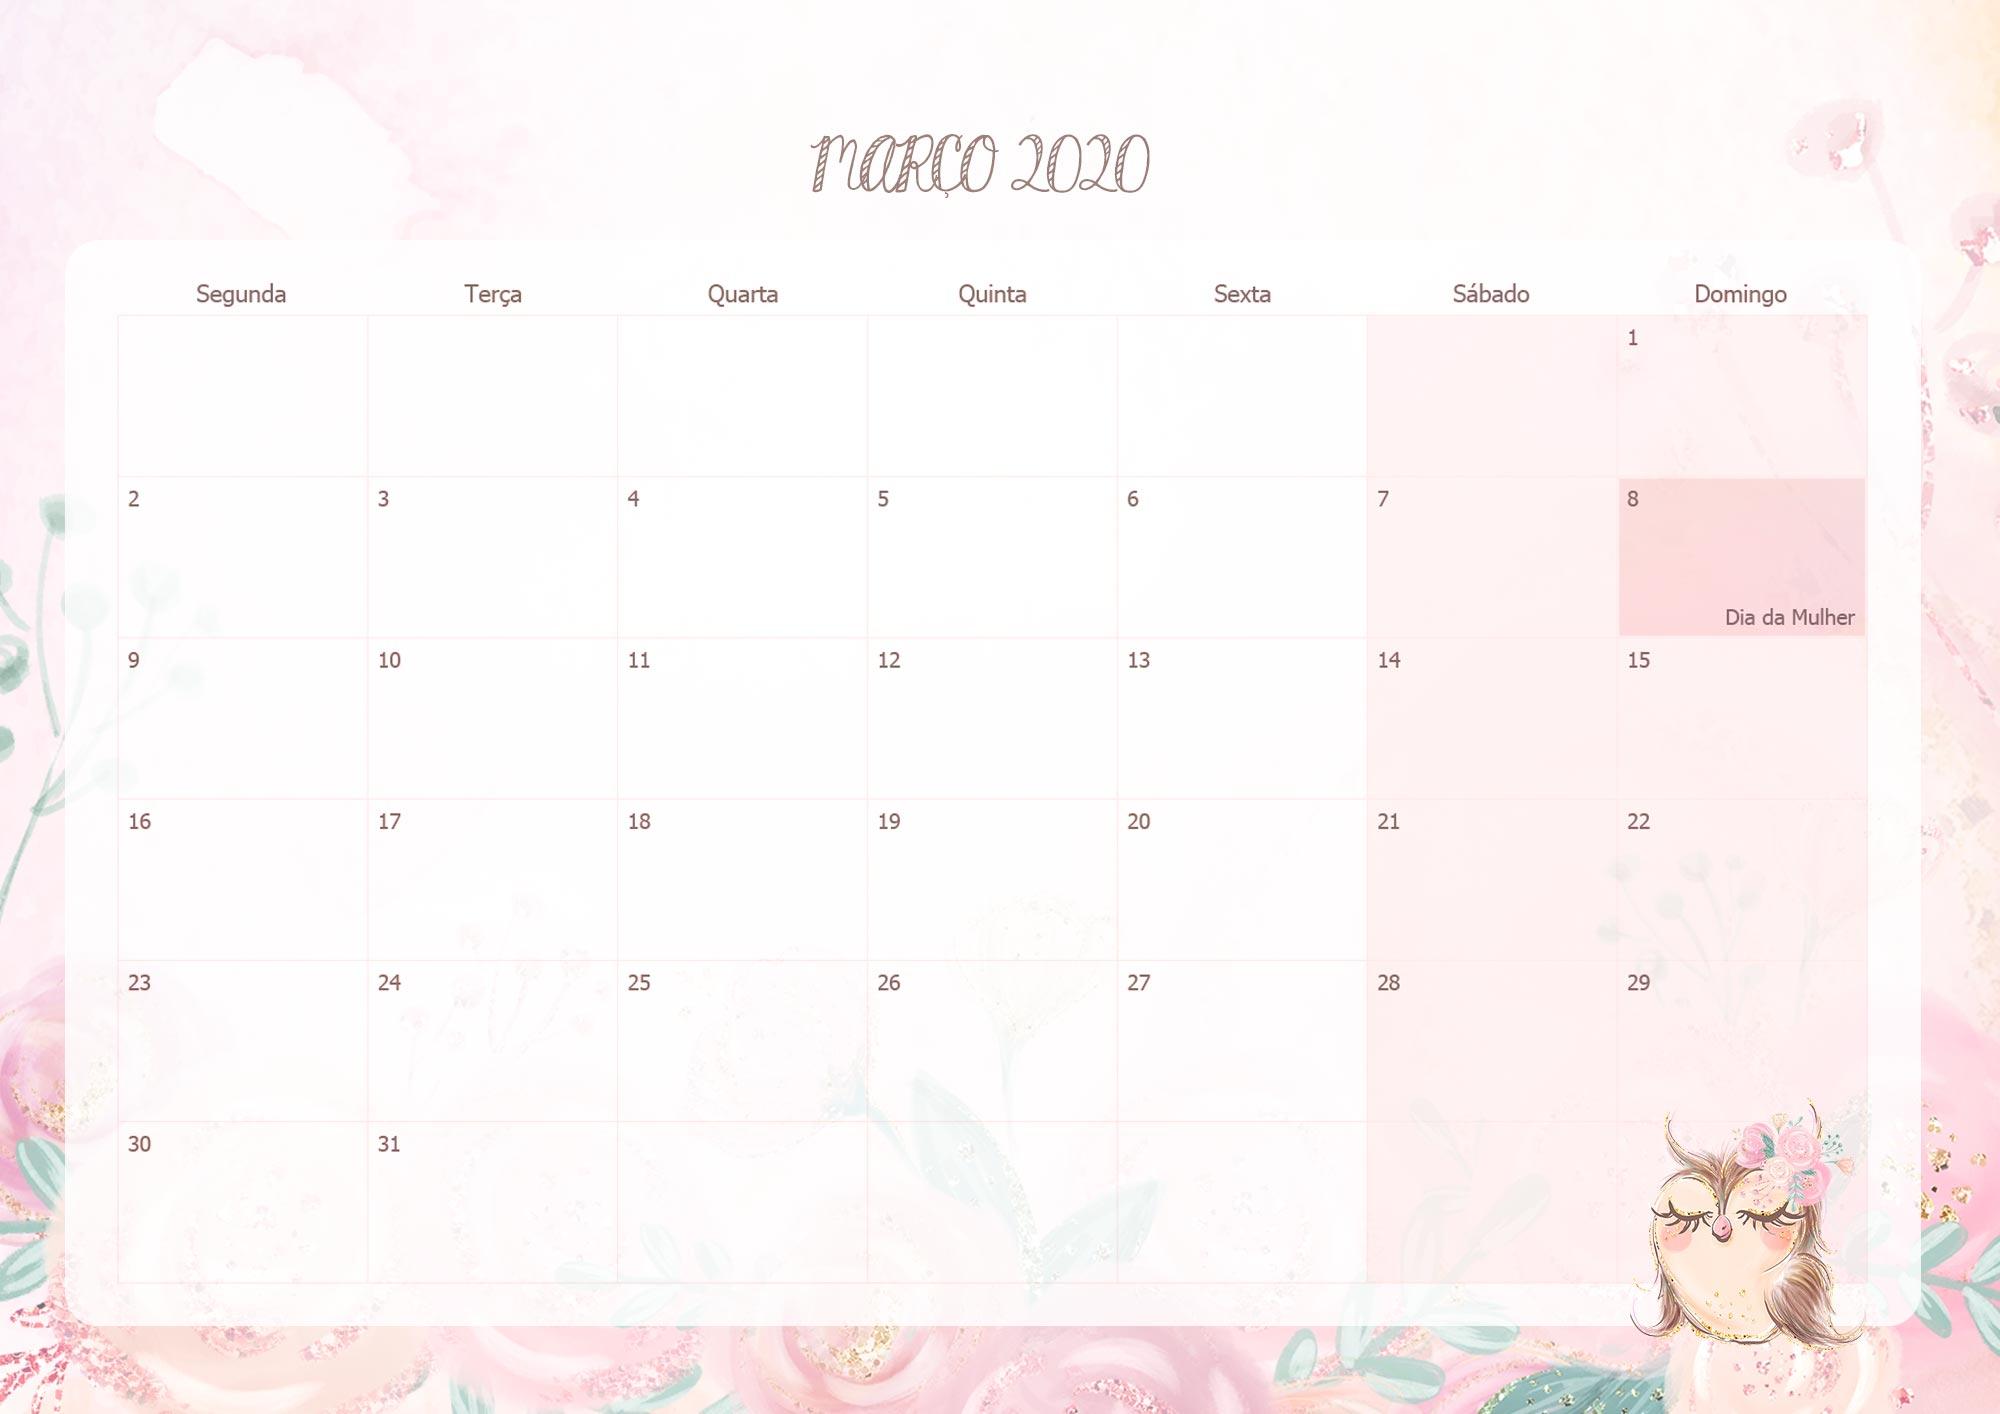 Calendario Mensal Corujinha Marco 2020